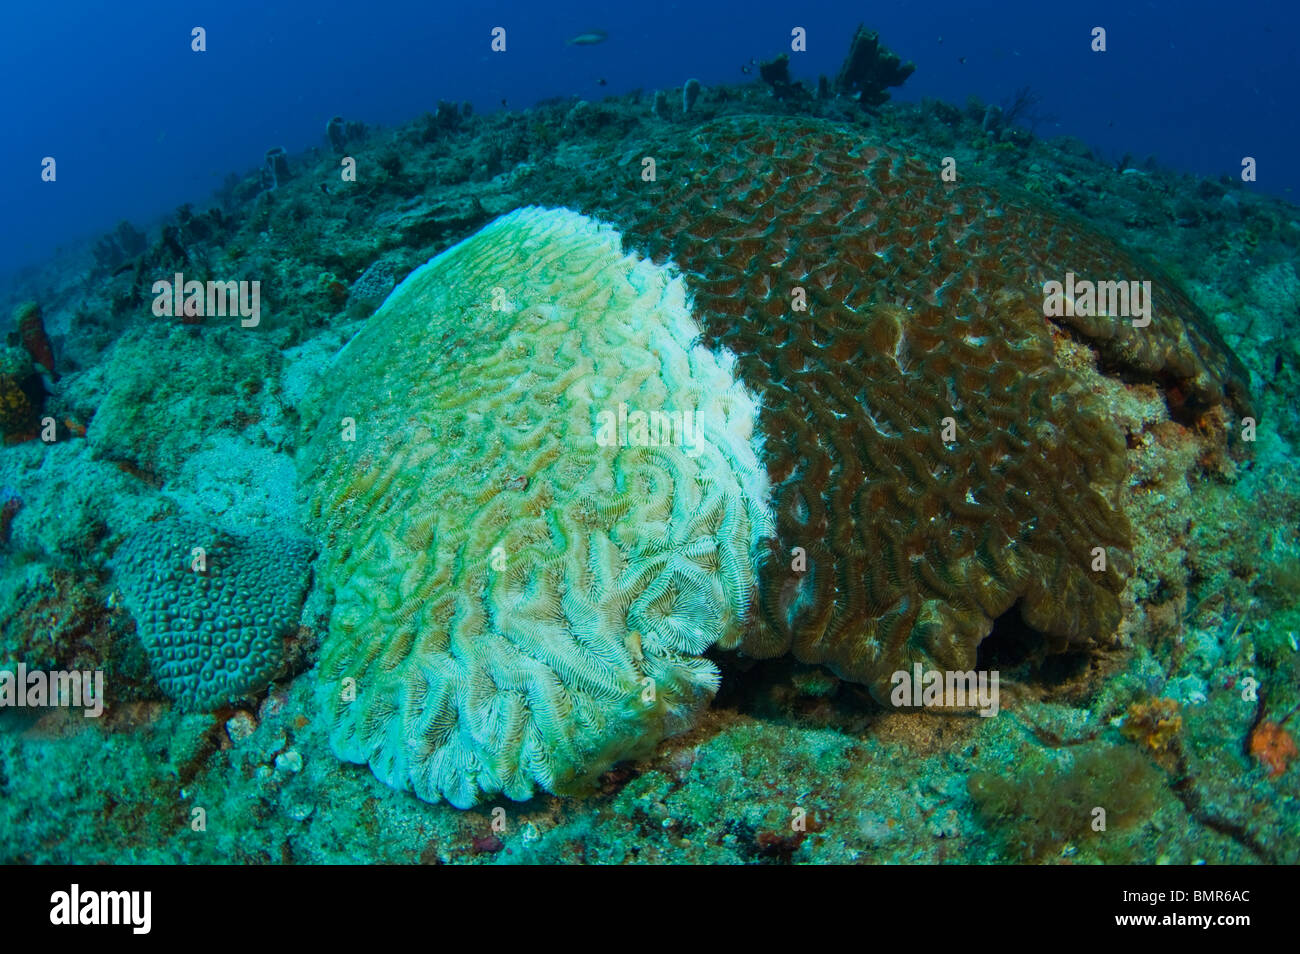 Hirnkoralle (Diploria Strigosa) in Juno Beach, FL weiße Pest, eine Krankheit, die Riffe in der Karibik verwüstet Stockbild